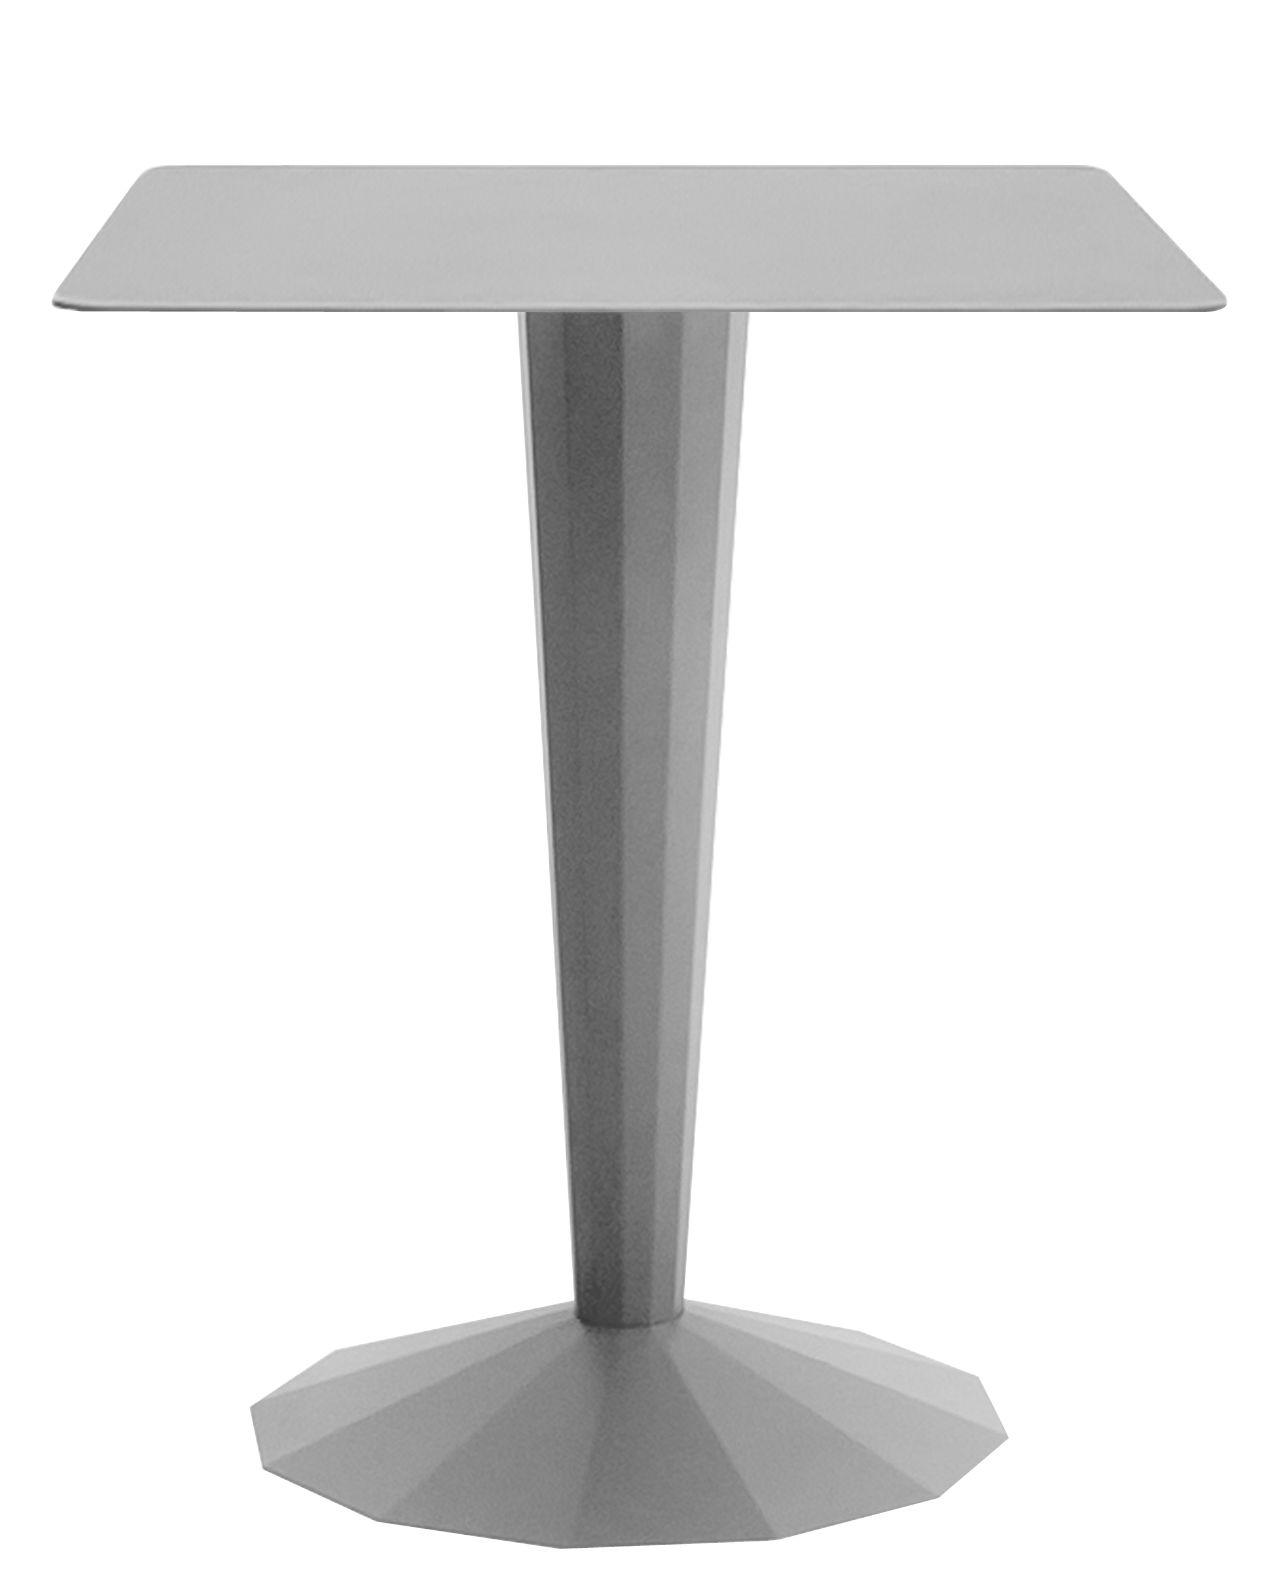 Möbel - Tische - Ankara S quadratischer Tisch / 70 x 70 cm - Matière Grise - Aluminium-grau - Stahl